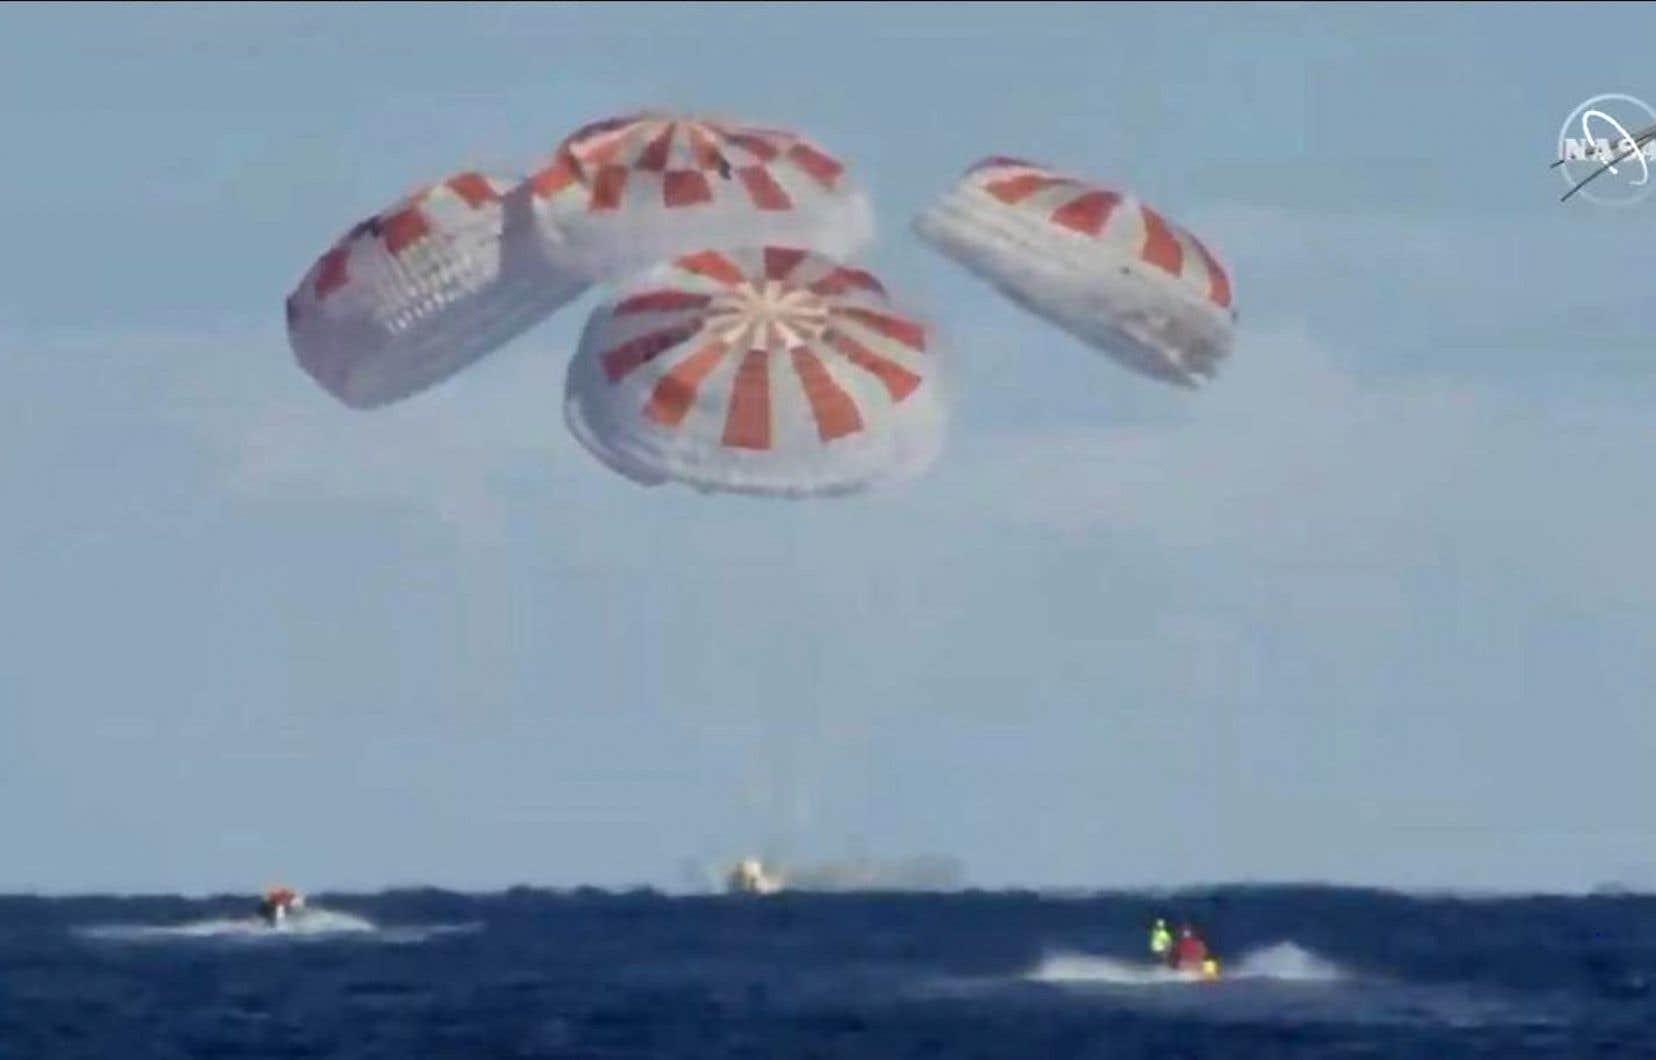 Les images en direct de la NASA ont montré l'ouverture sans accroc des parachutes, avec un amerrissage à 8h45, à l'heure exacte prévue, à environ 370 km des côtes de Floride.